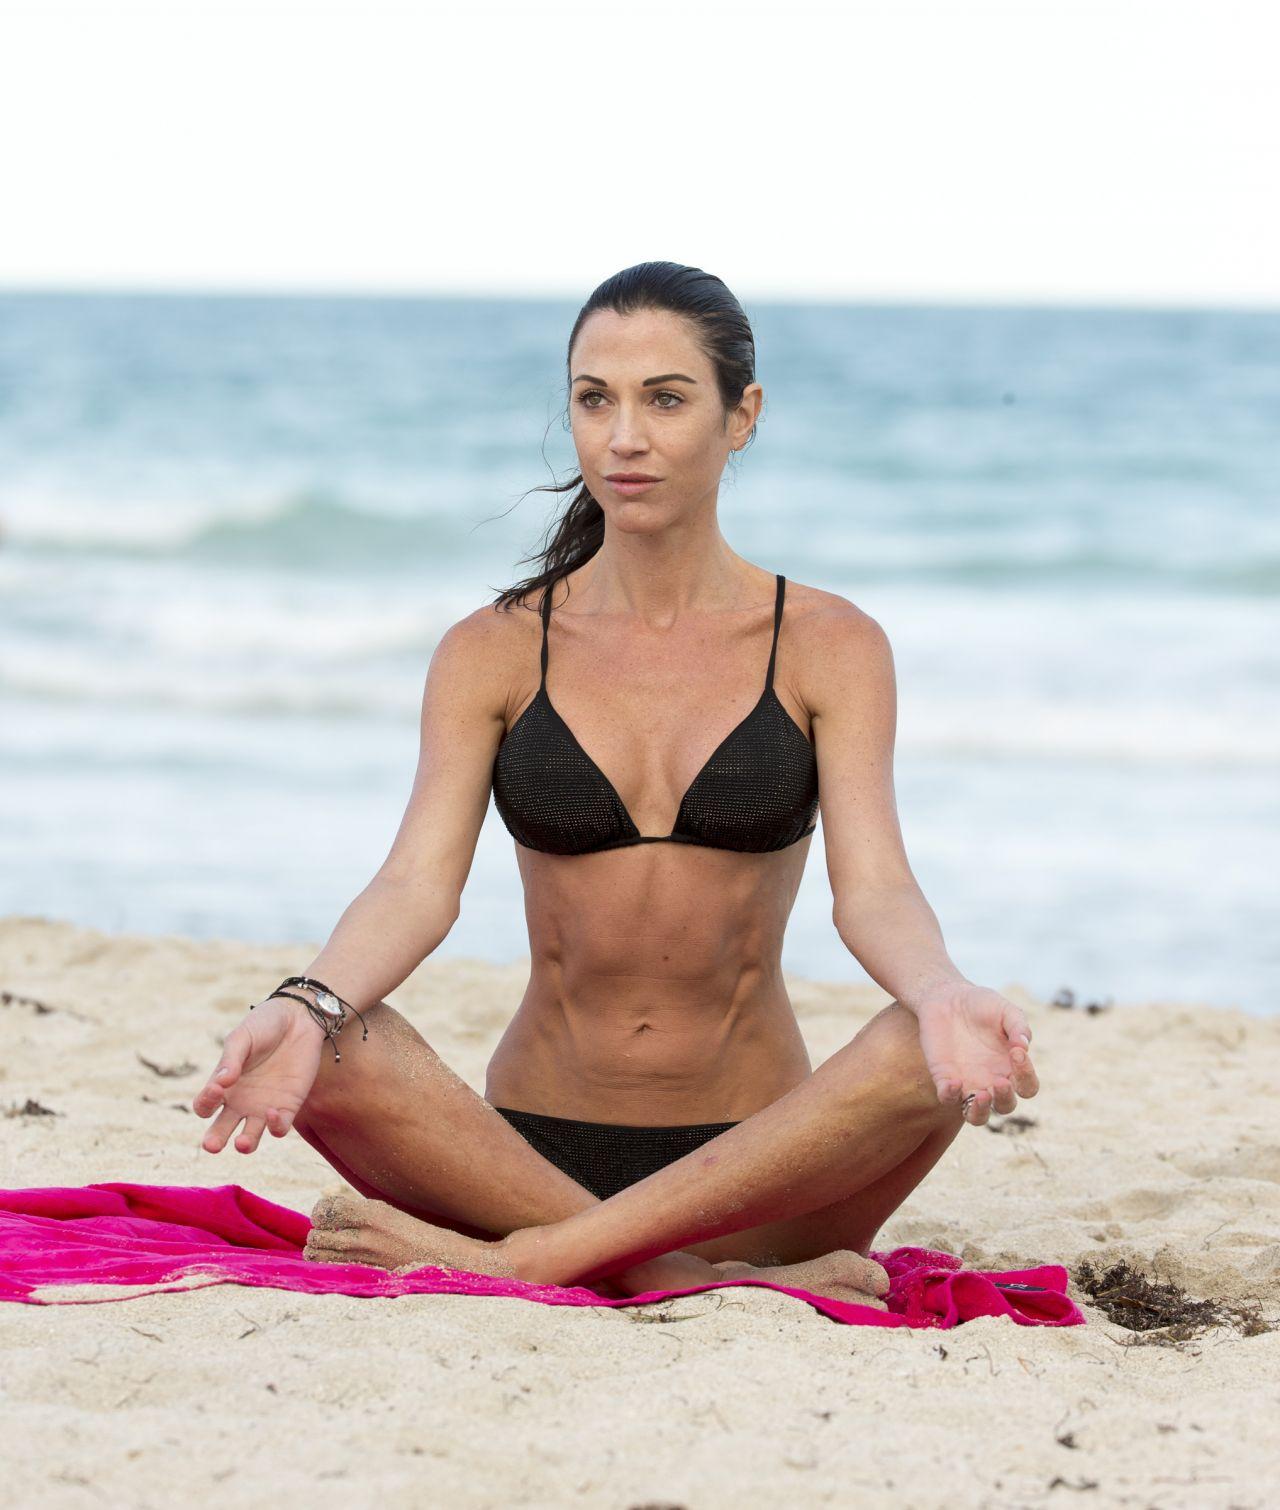 Federica Torti in a Bikini - Doing Yoga on the Beach in Miami - April 2014